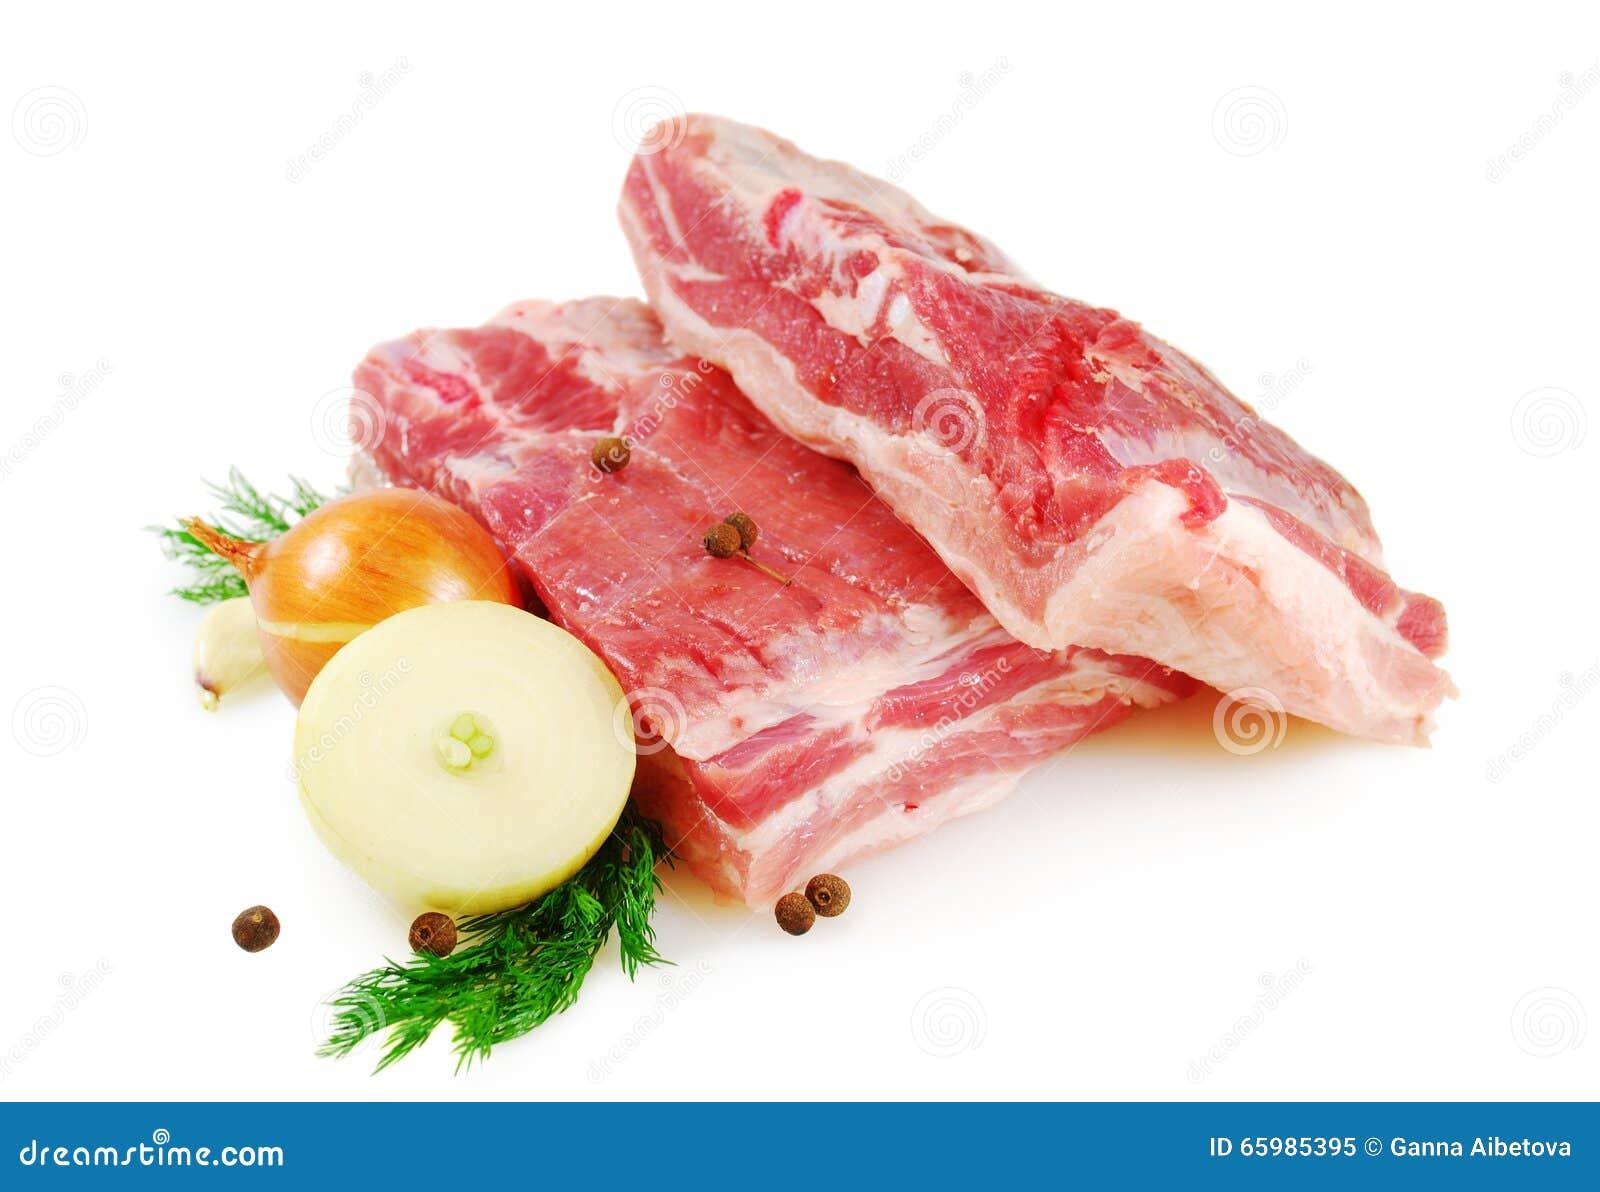 мясо сырцовое Живот свинины, 2 части с укропом, лук и томат изолированные на белой предпосылке